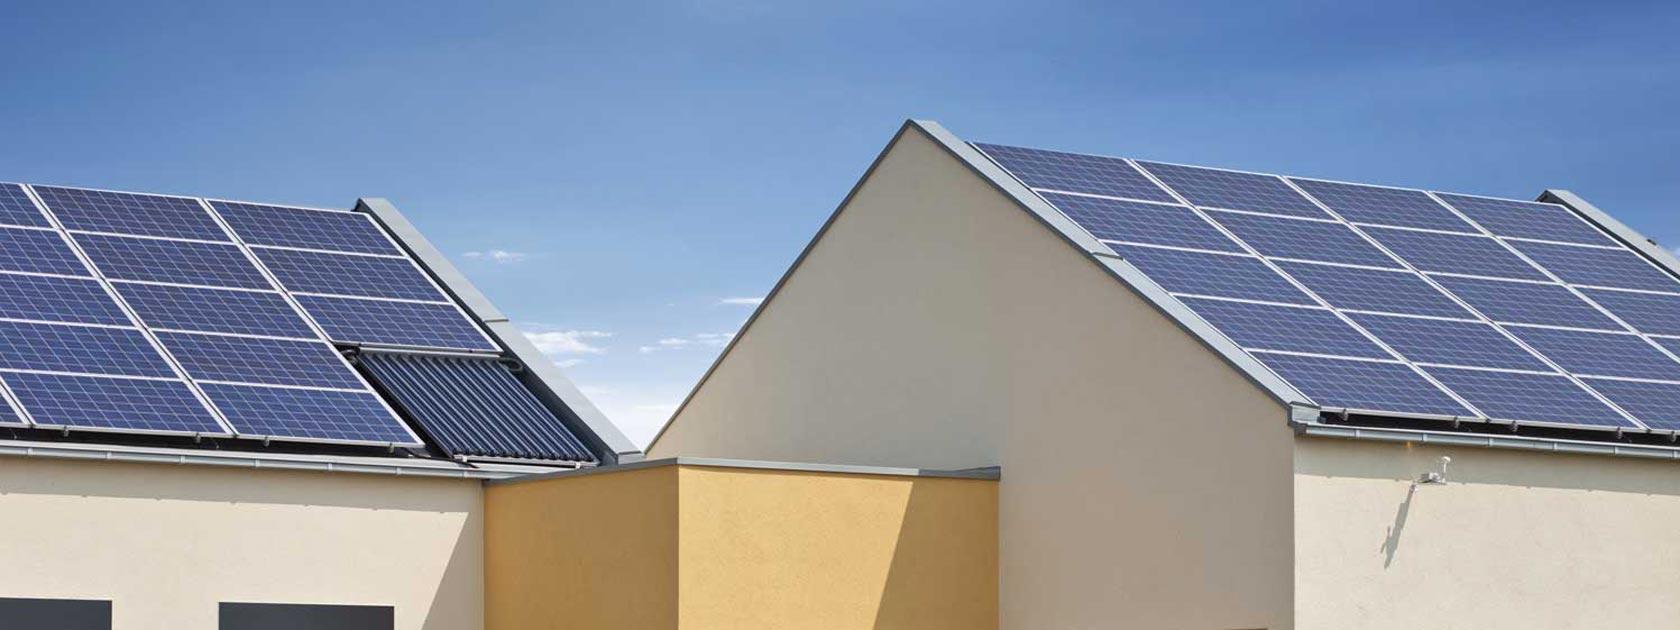 residential-solar-1680